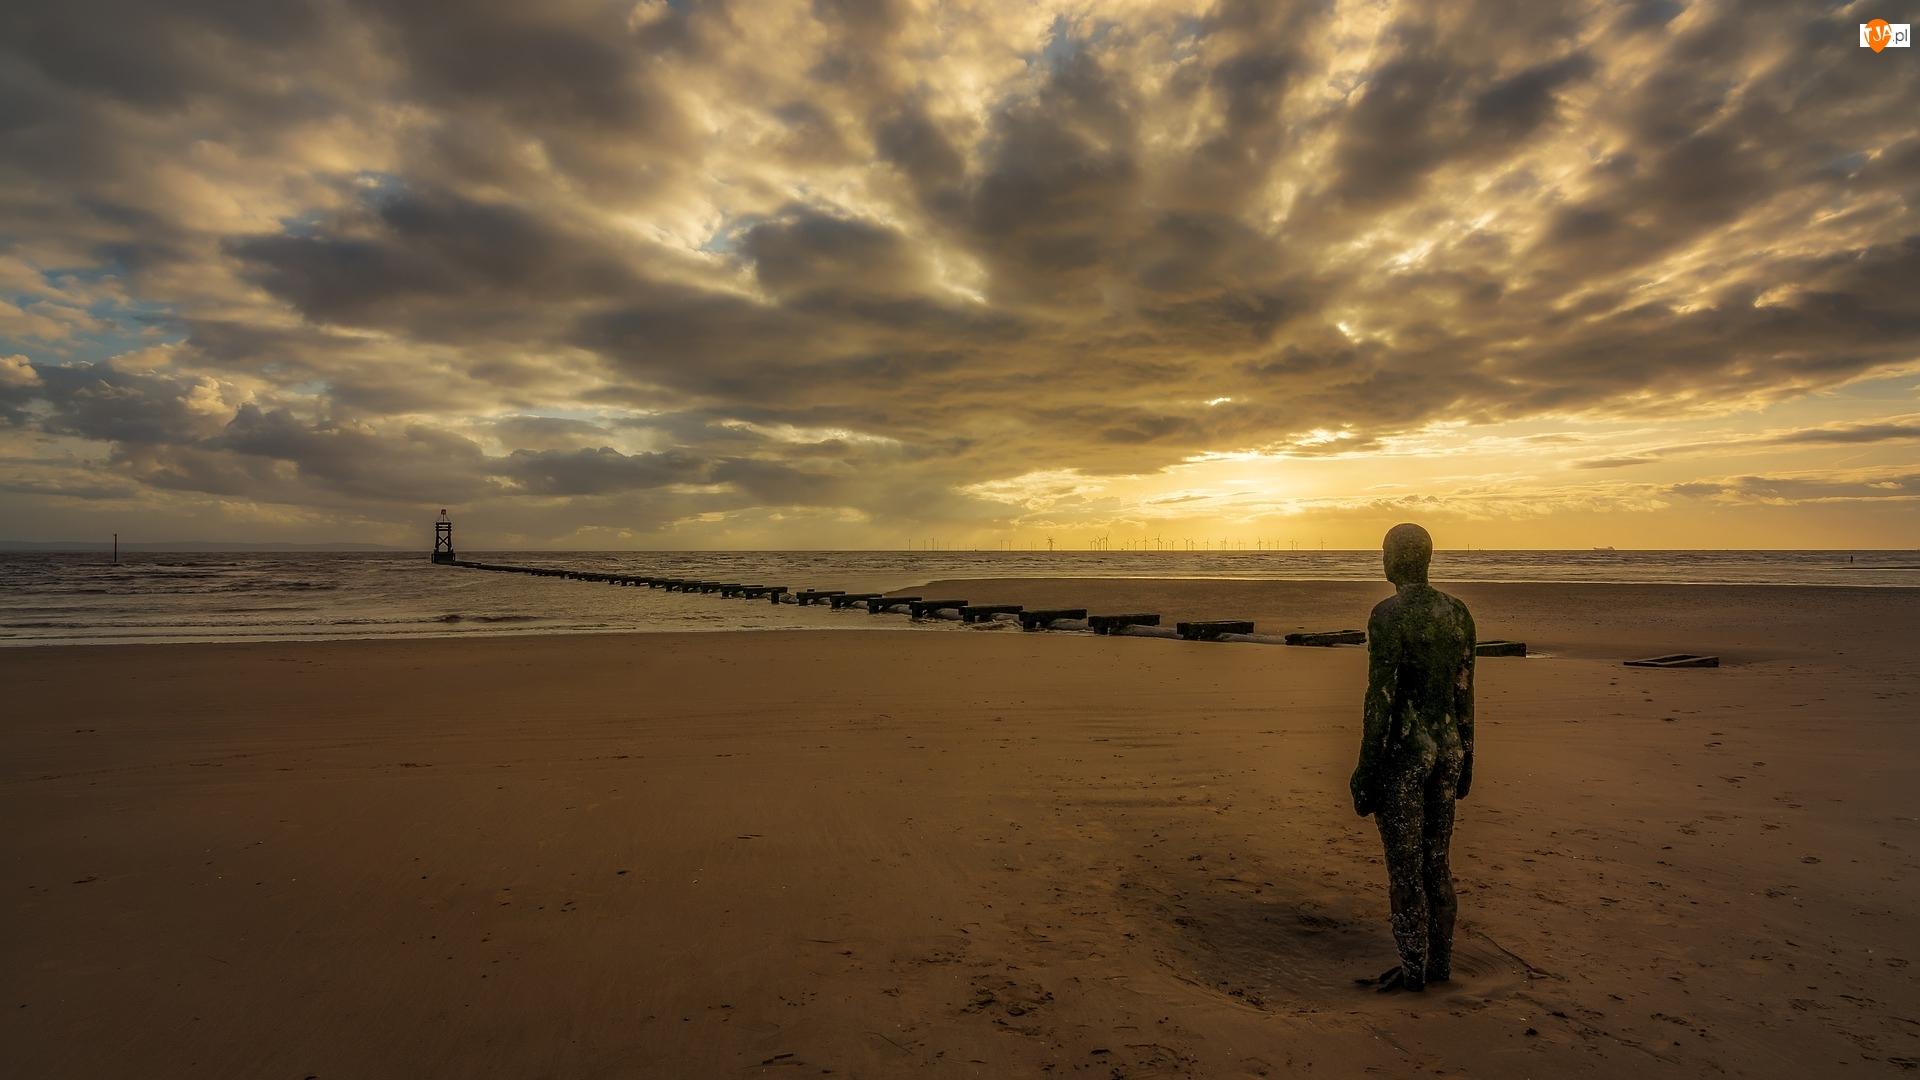 Rzeka Mersey, Plaża Crosby Beach, Anglia, Zachód słońca, Liverpool, Posąg, Żeliwny